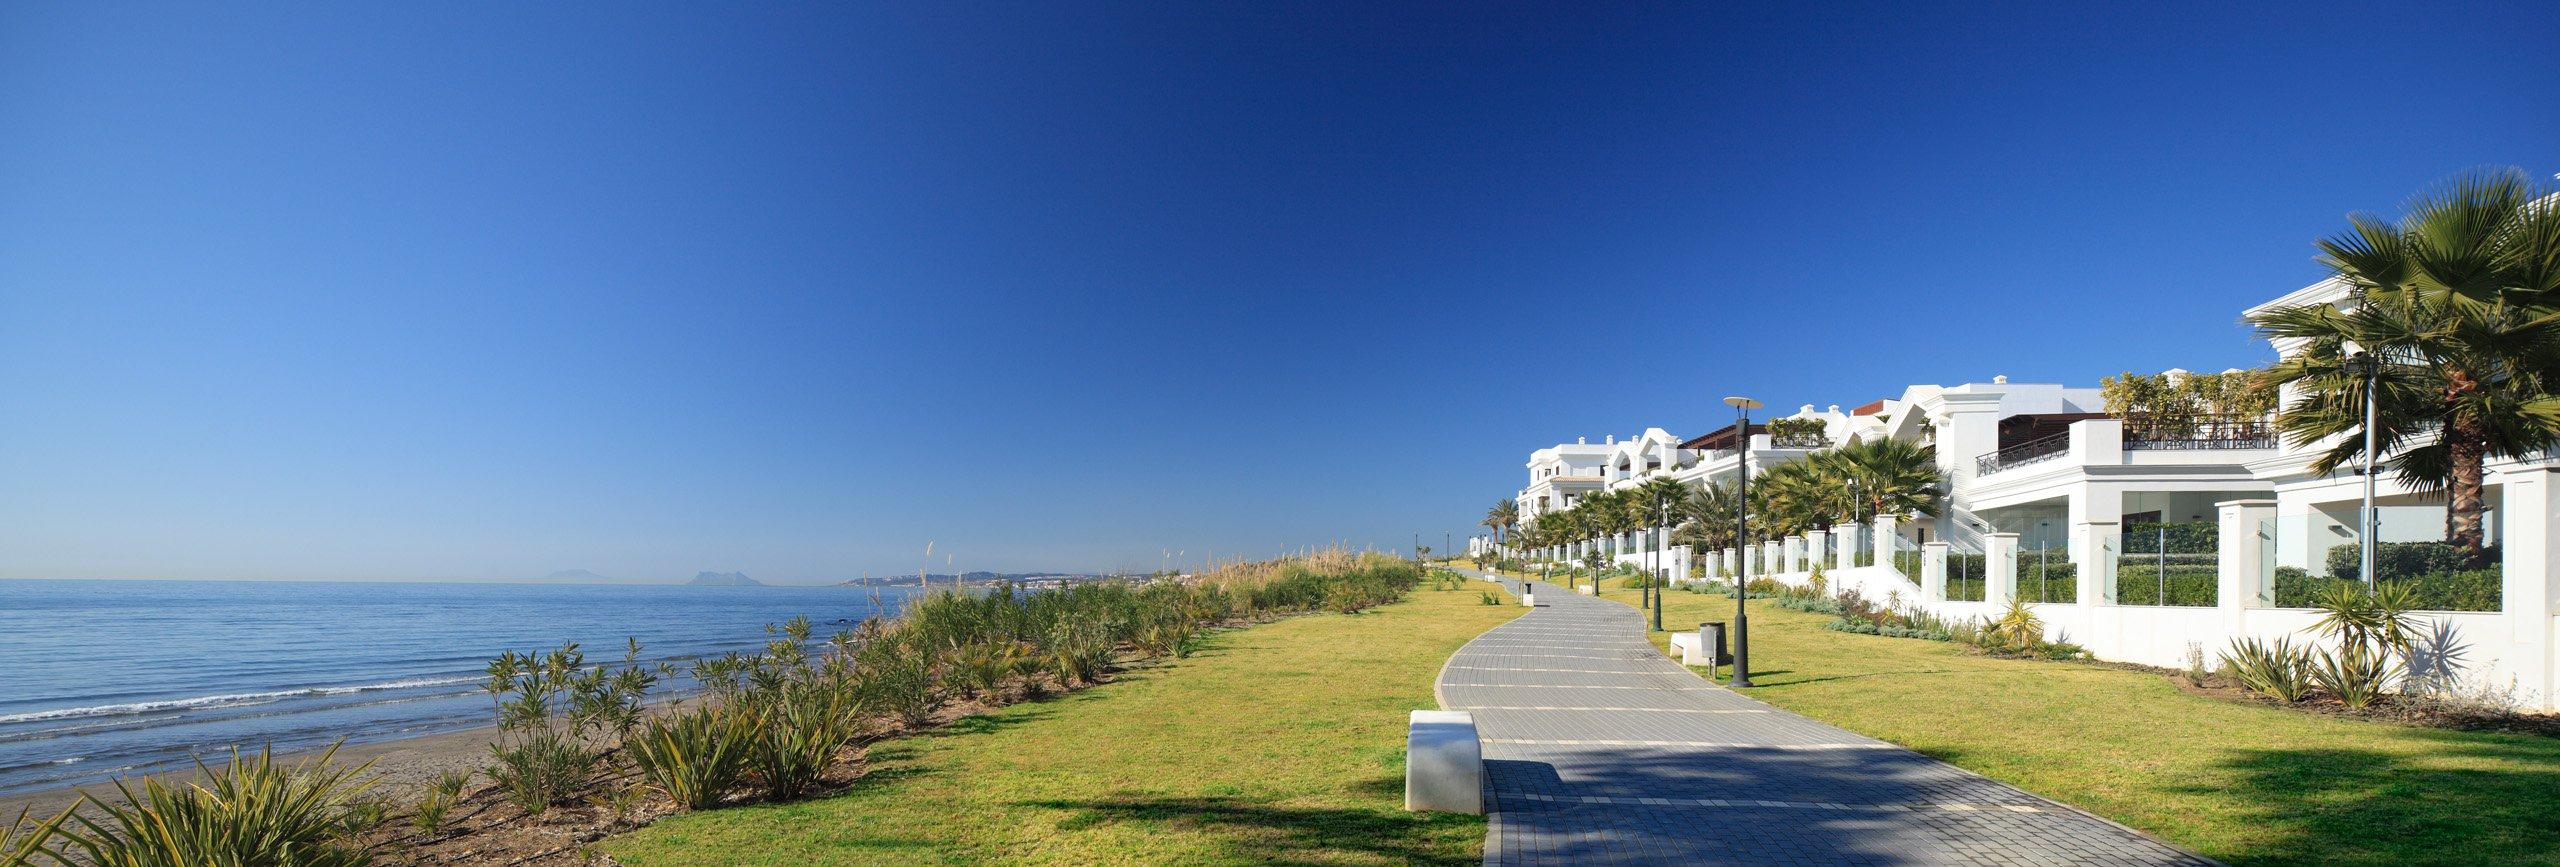 Imagen de: Doncella Beach - Doncella Beach | Элитный жилой комплекс класса люкс, расположенный в Эстепоне (Коста-дель-Соль) на первой линии пляжа: апартаменты, пентхаусы и дуплексы от 1 до 5 спален.